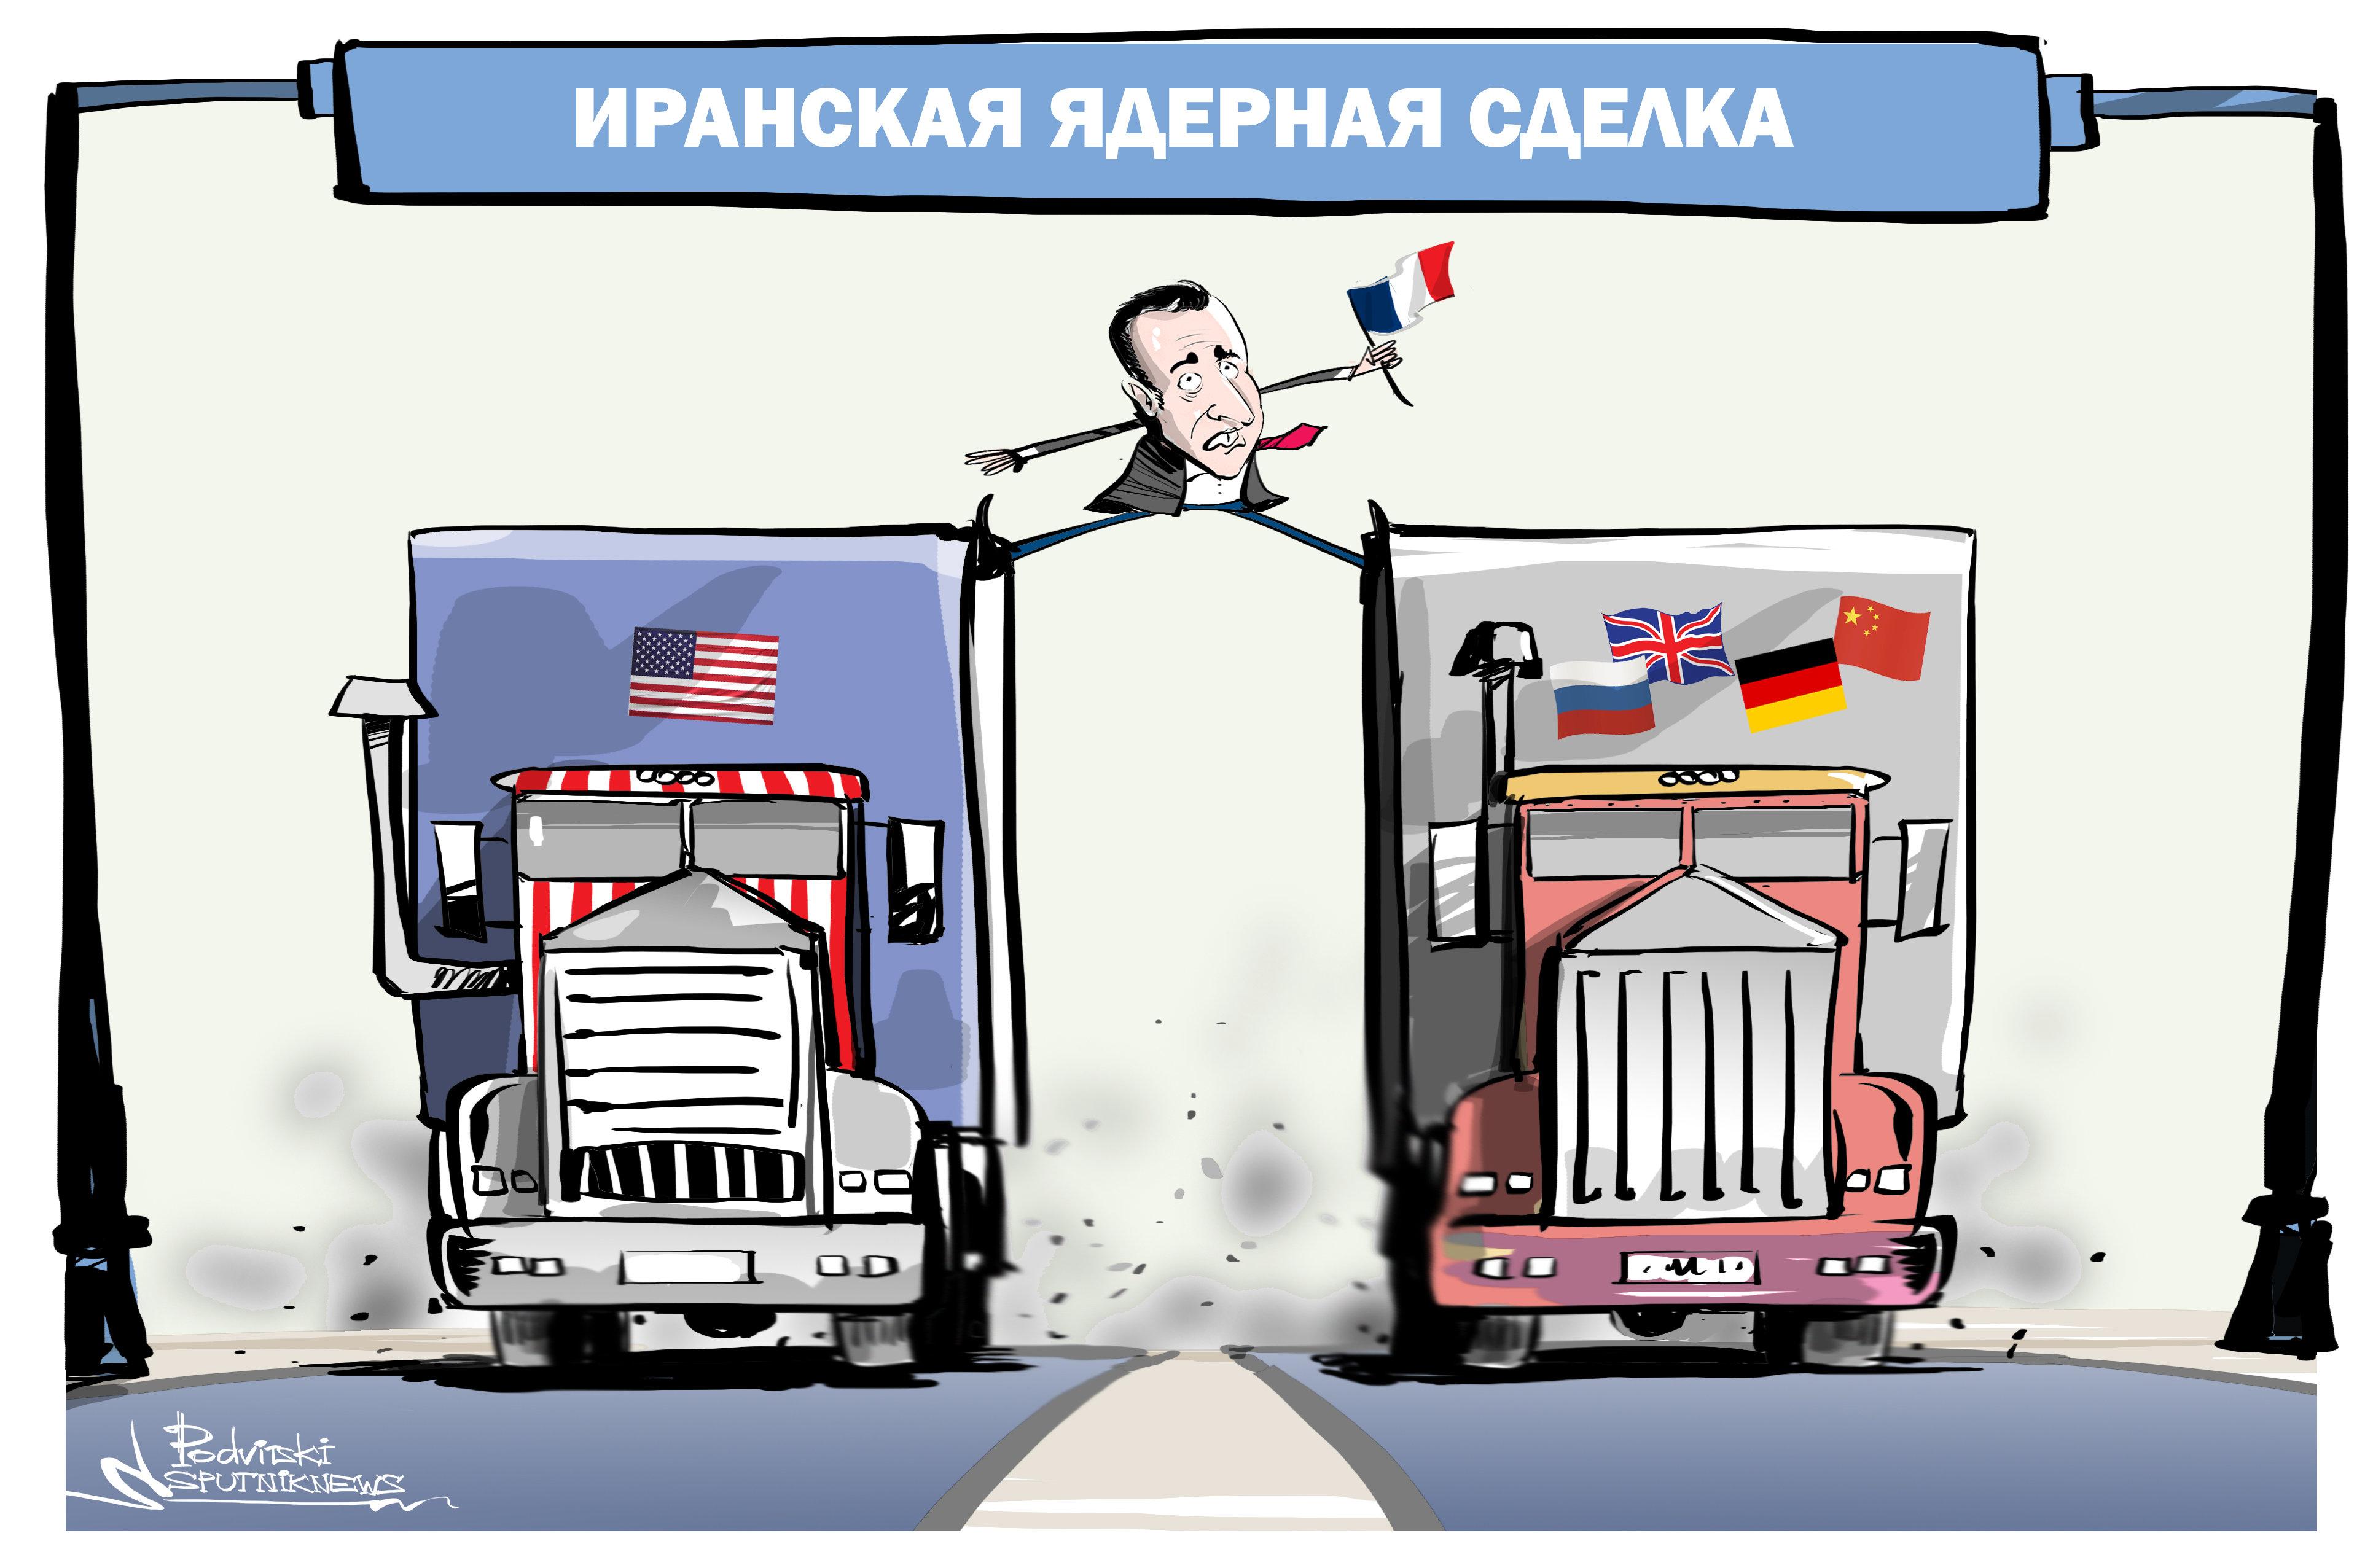 Ядерная балансировка Макрона?